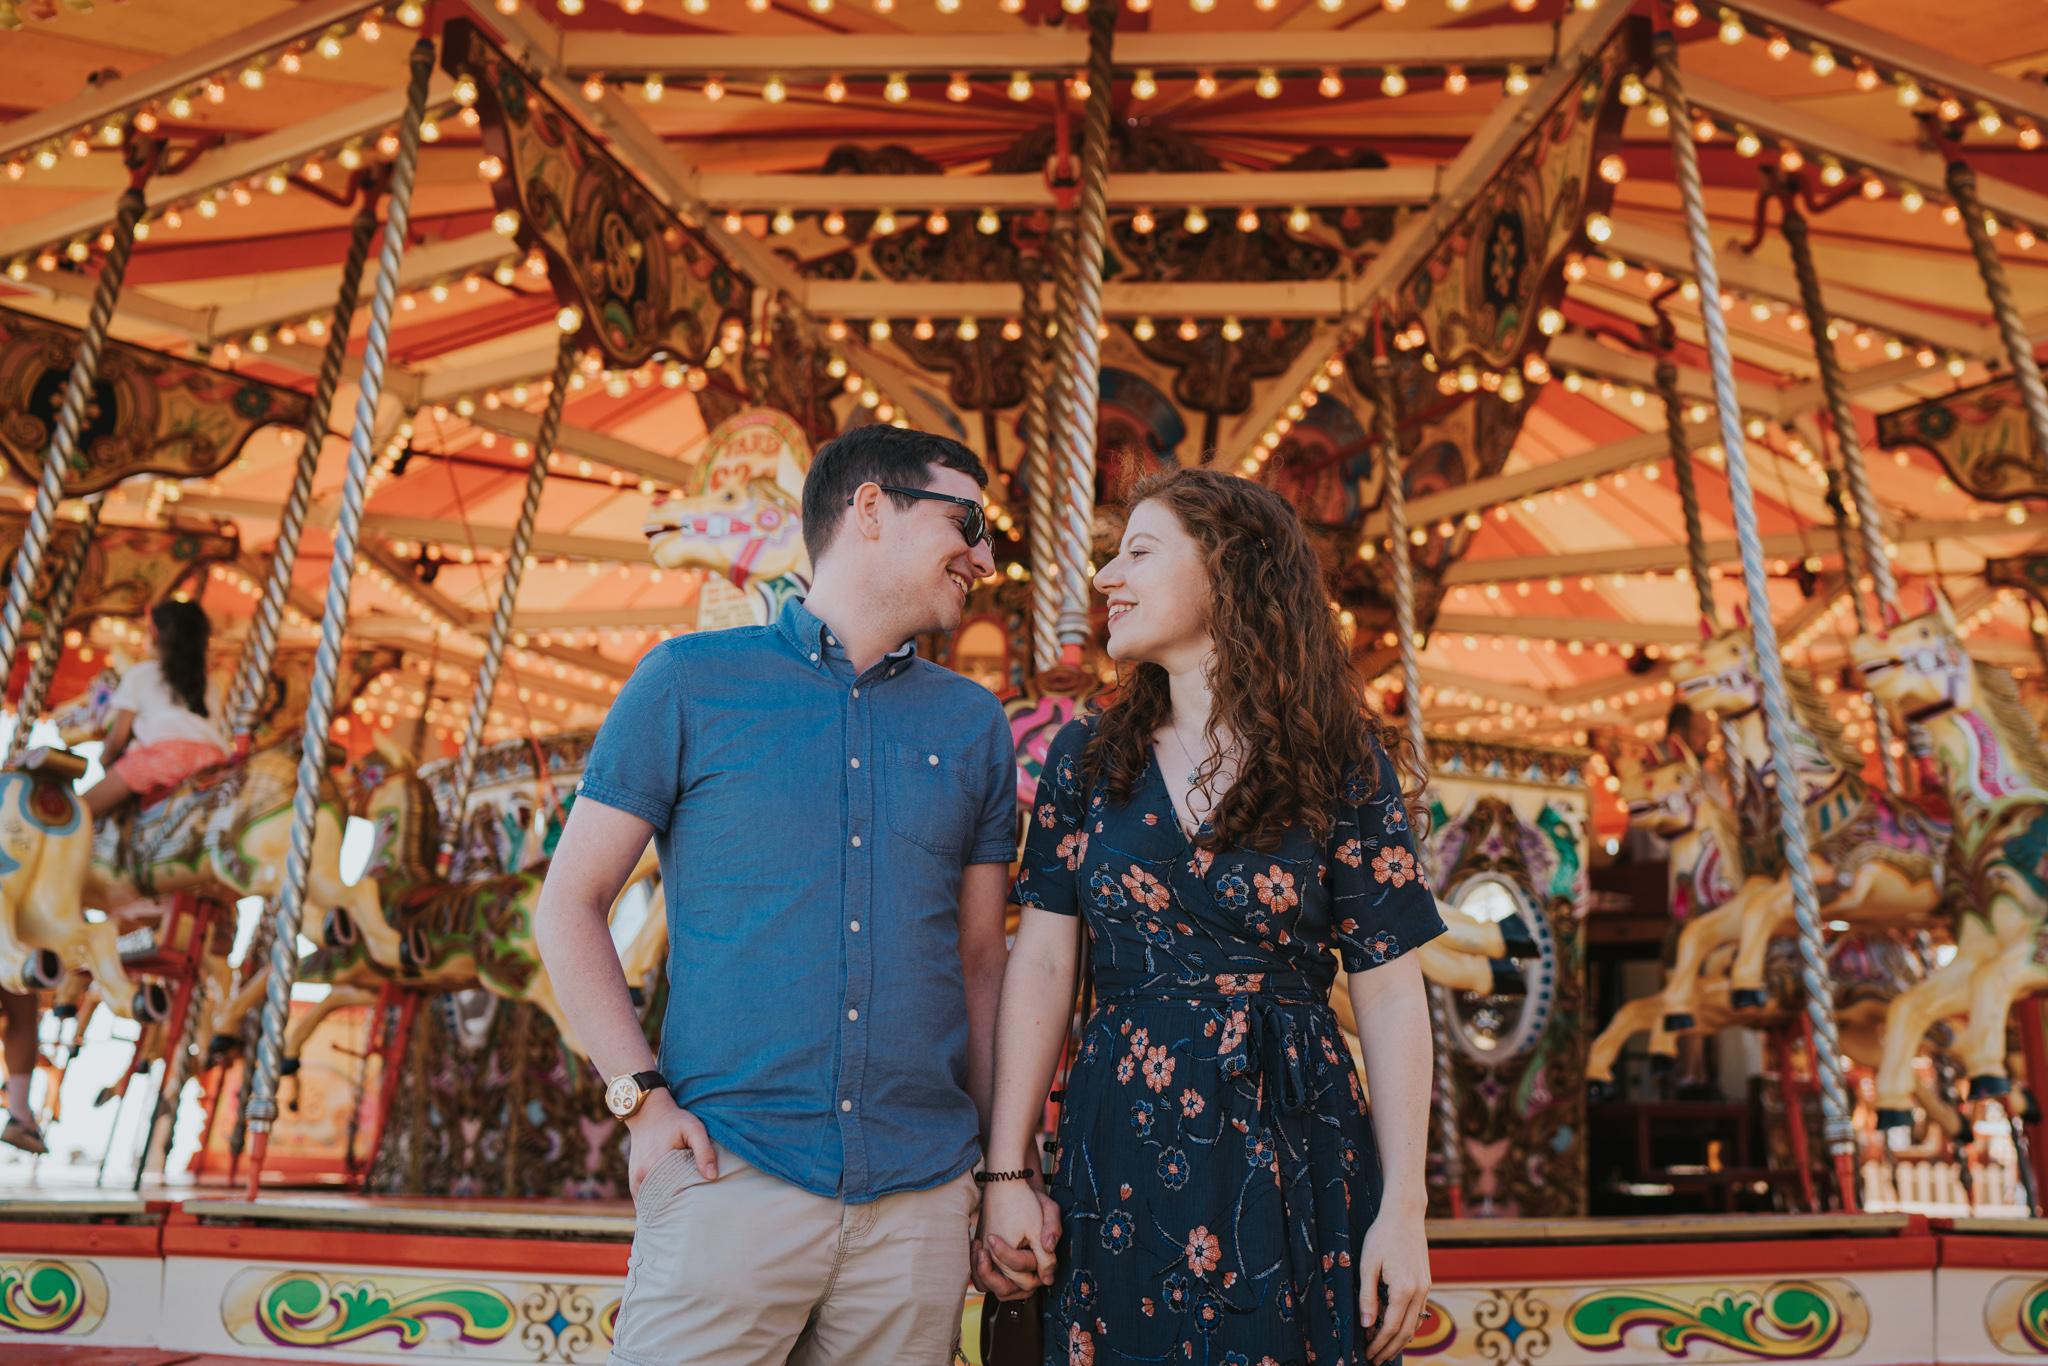 philippa-mark-pre-wedding-session-brighton-pier-colchester-grace-elizabeth-colchester-essex-alternative-wedding-lifestyle-photographer-essex-suffolk-norfolk-devon-2.jpg